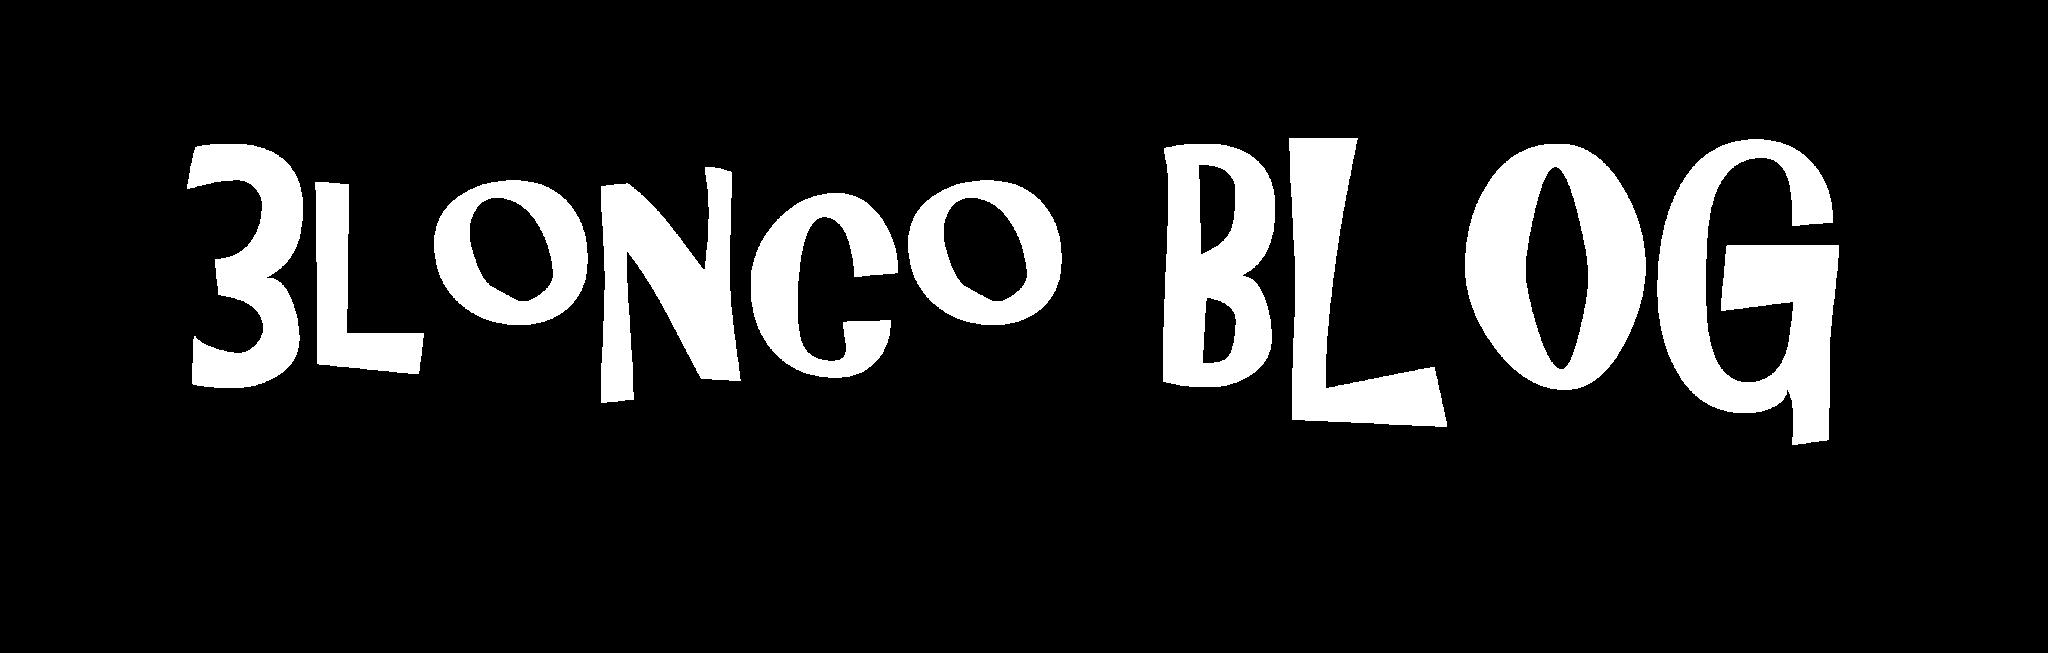 ブロンコ BLOG